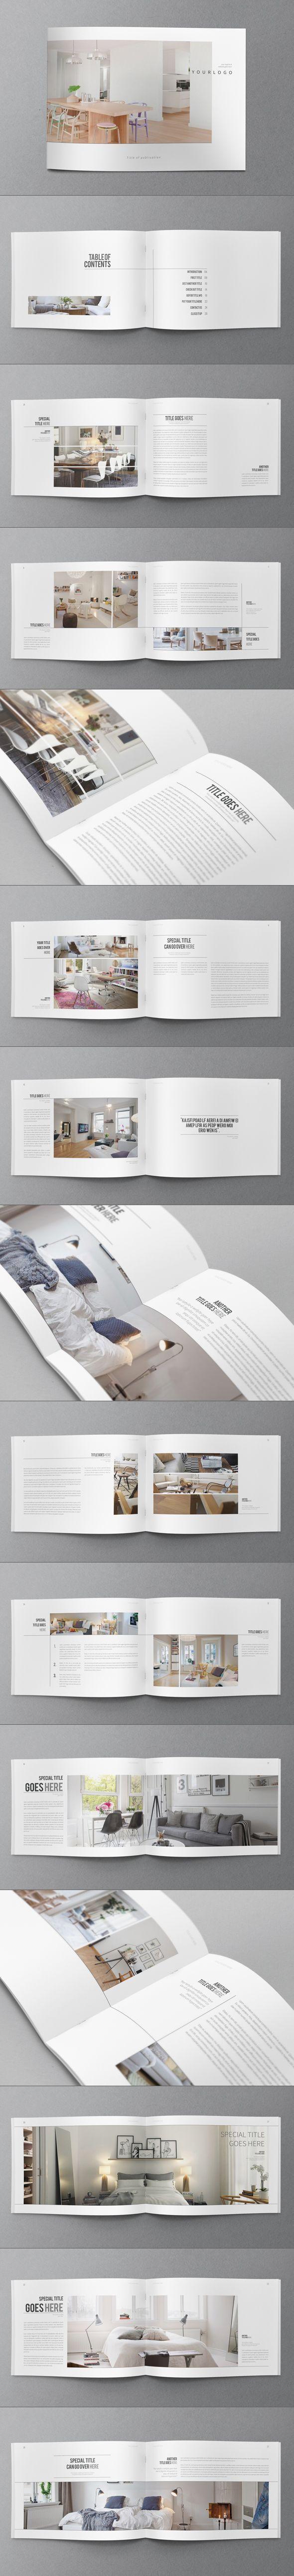 辛集采集到★平面设计【折页/画册/版式】(1451图)_花瓣平面设计